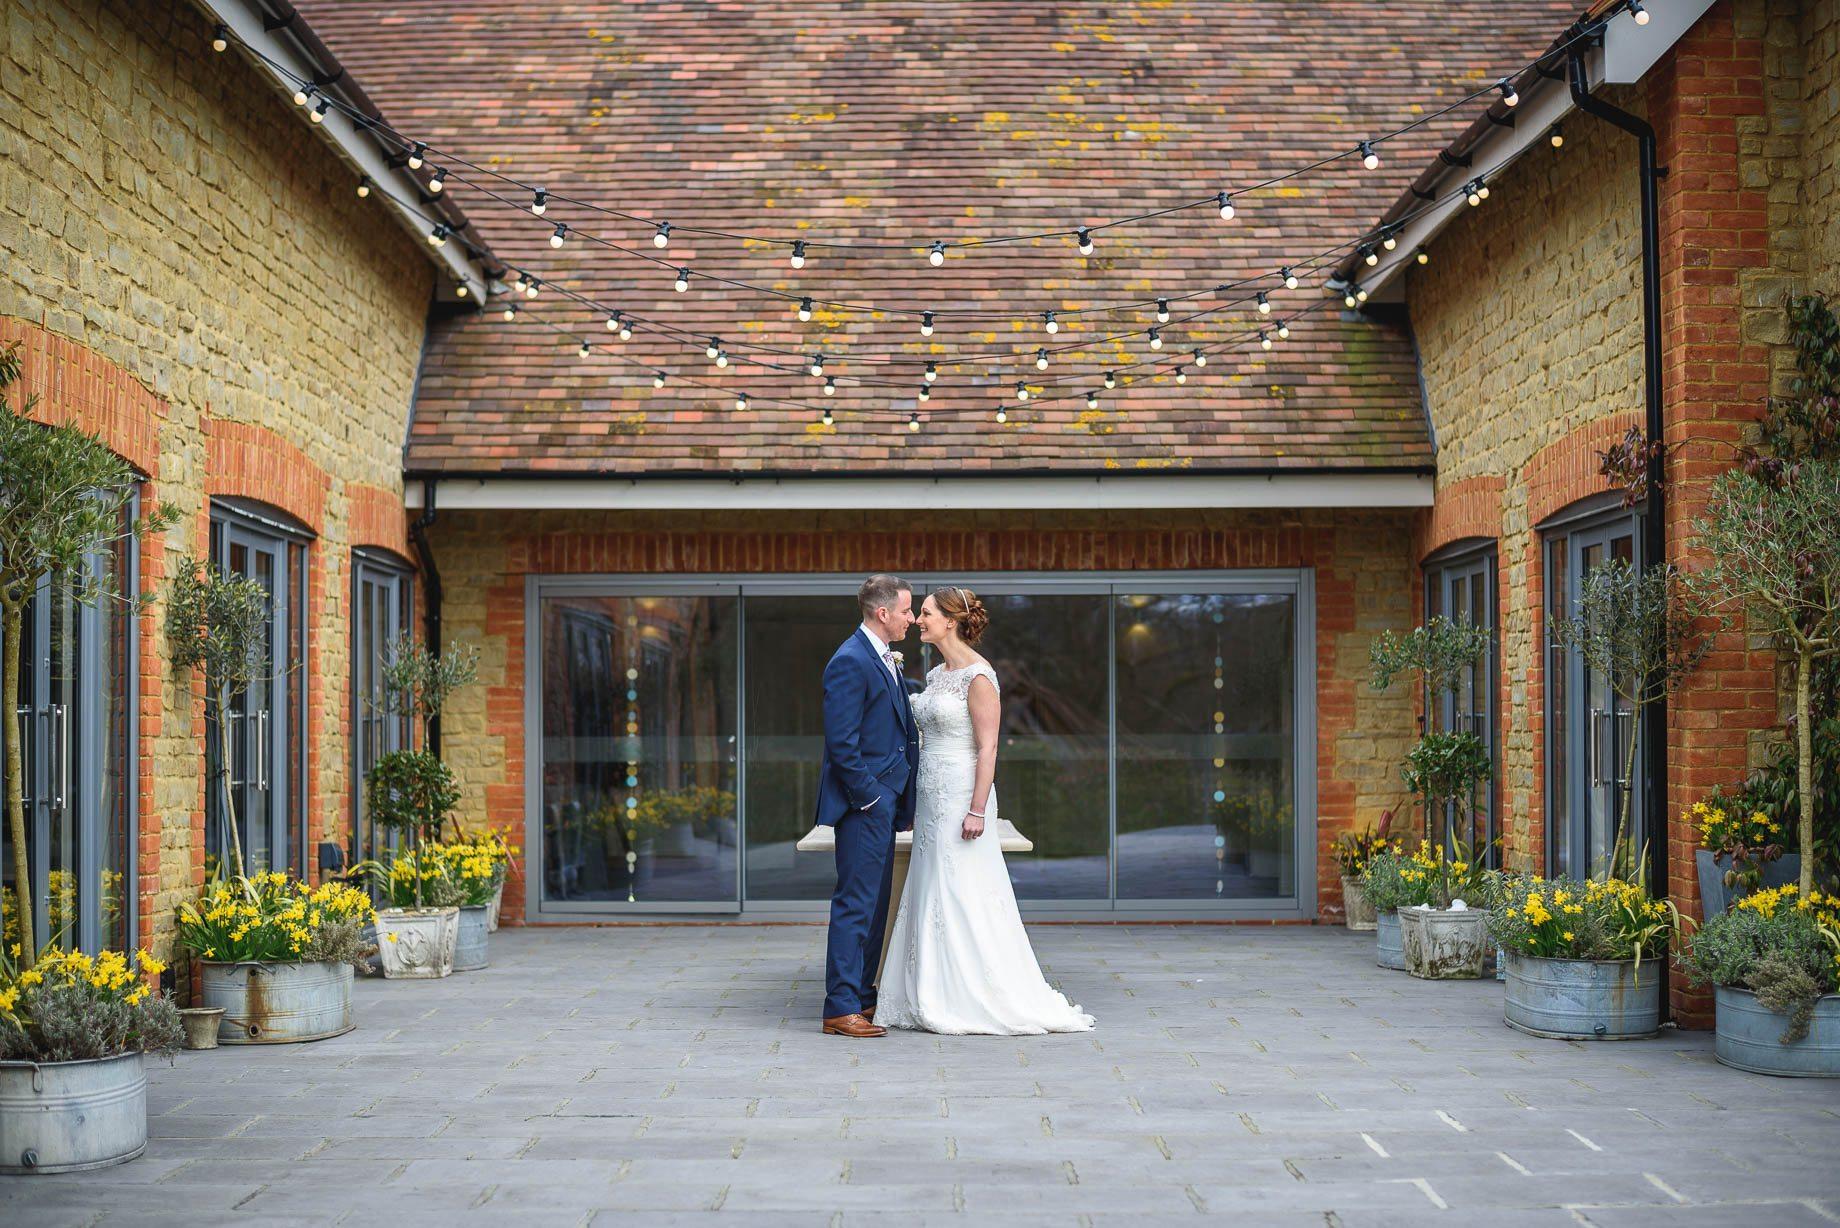 Millbridge Court Wedding Photography - Lisa and Daniel (92 of 173)